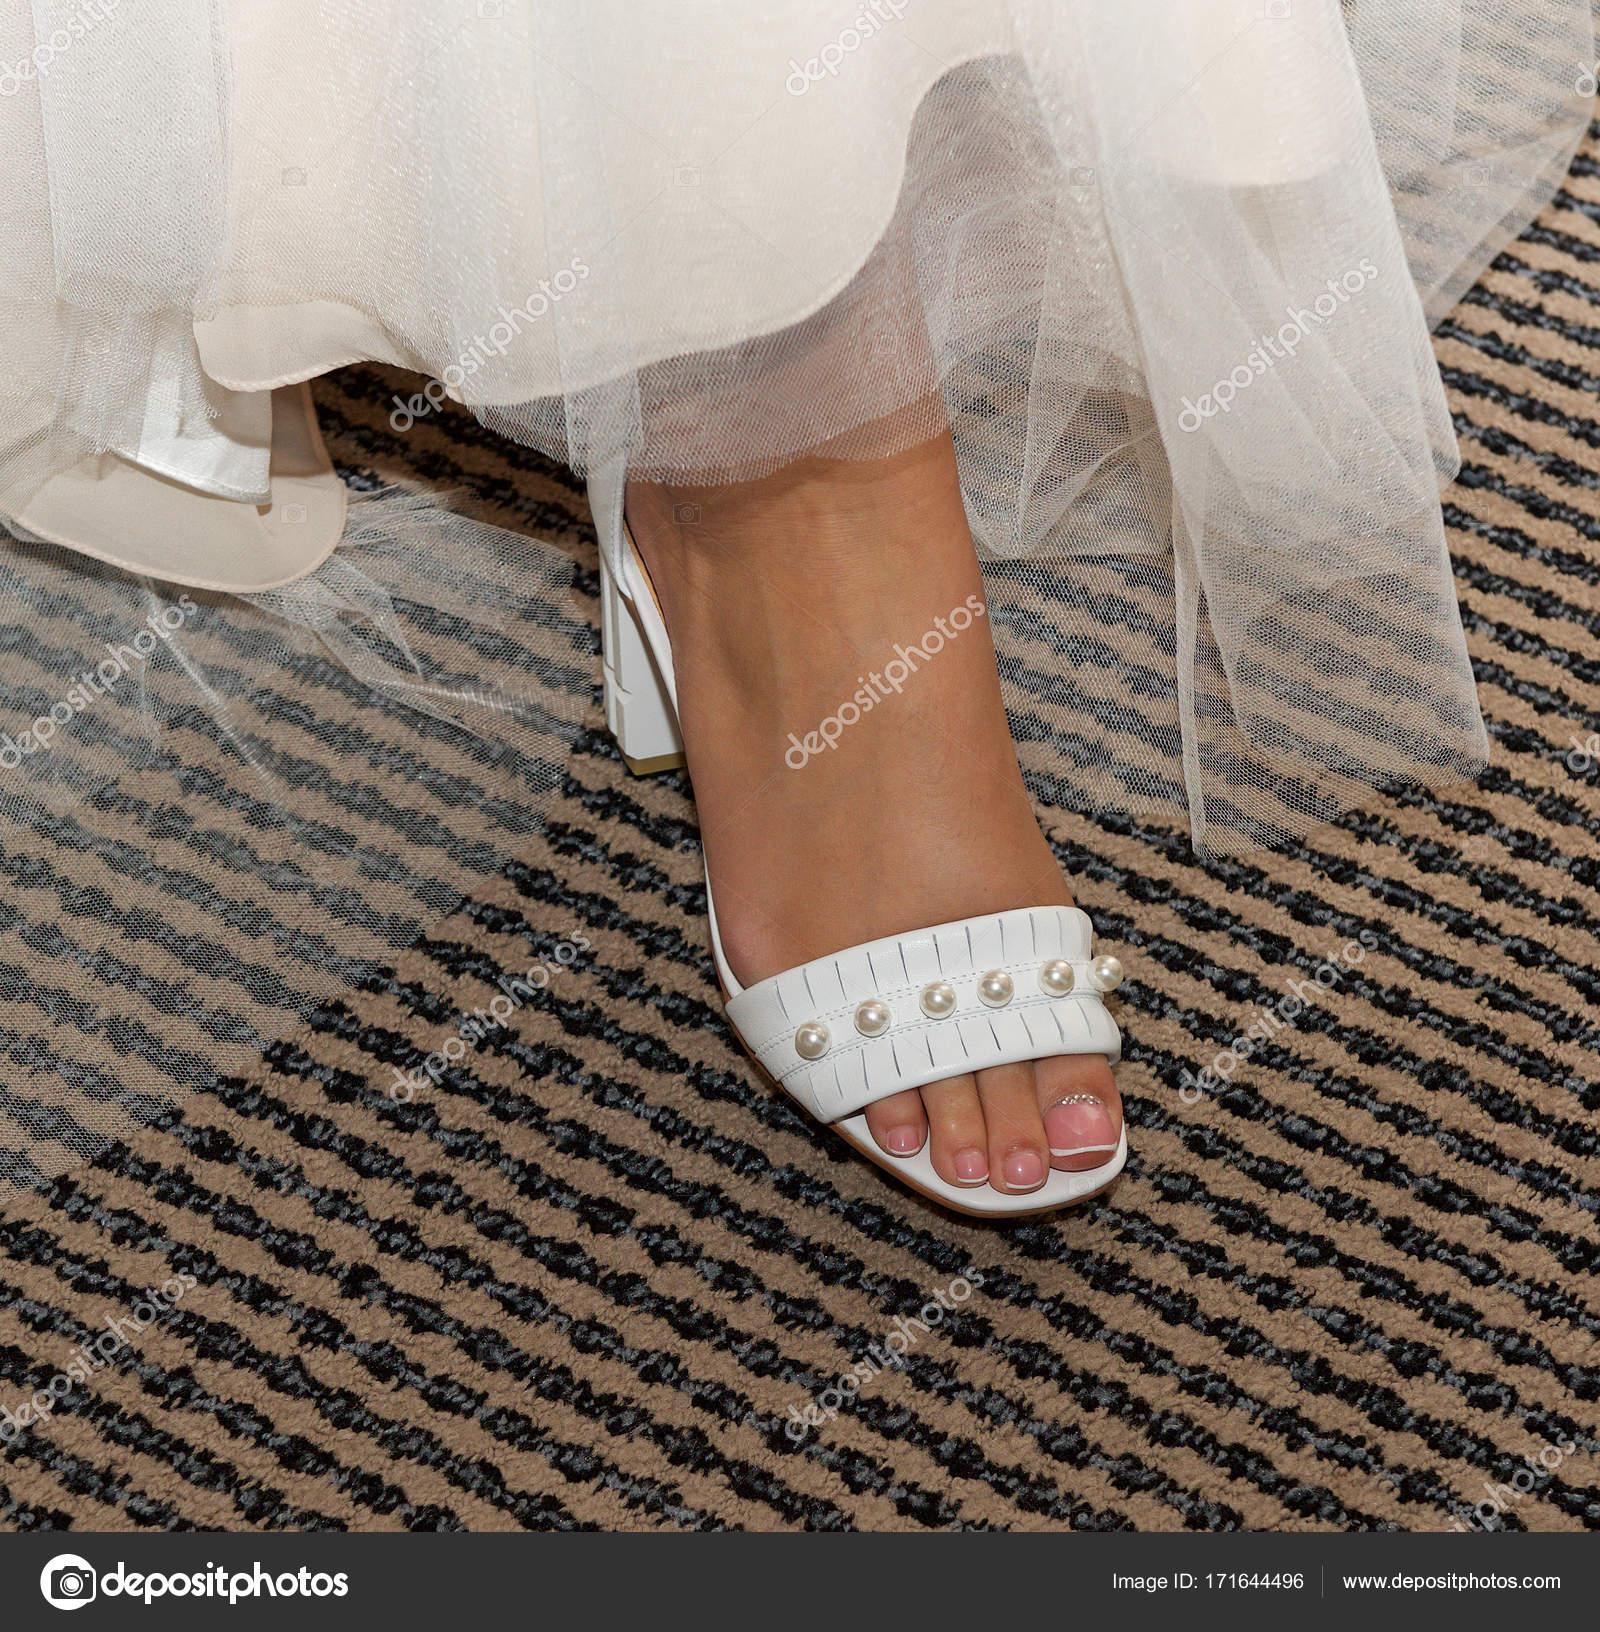 8c2b449f5d6 Κοντινό πλάνο του μια νύφη σε τα παπούτσια του γάμου. Νύφη στο λαμπερό  νυφικά. Πόδι. Πόδι της γυναίκας– εικόνα αρχείου